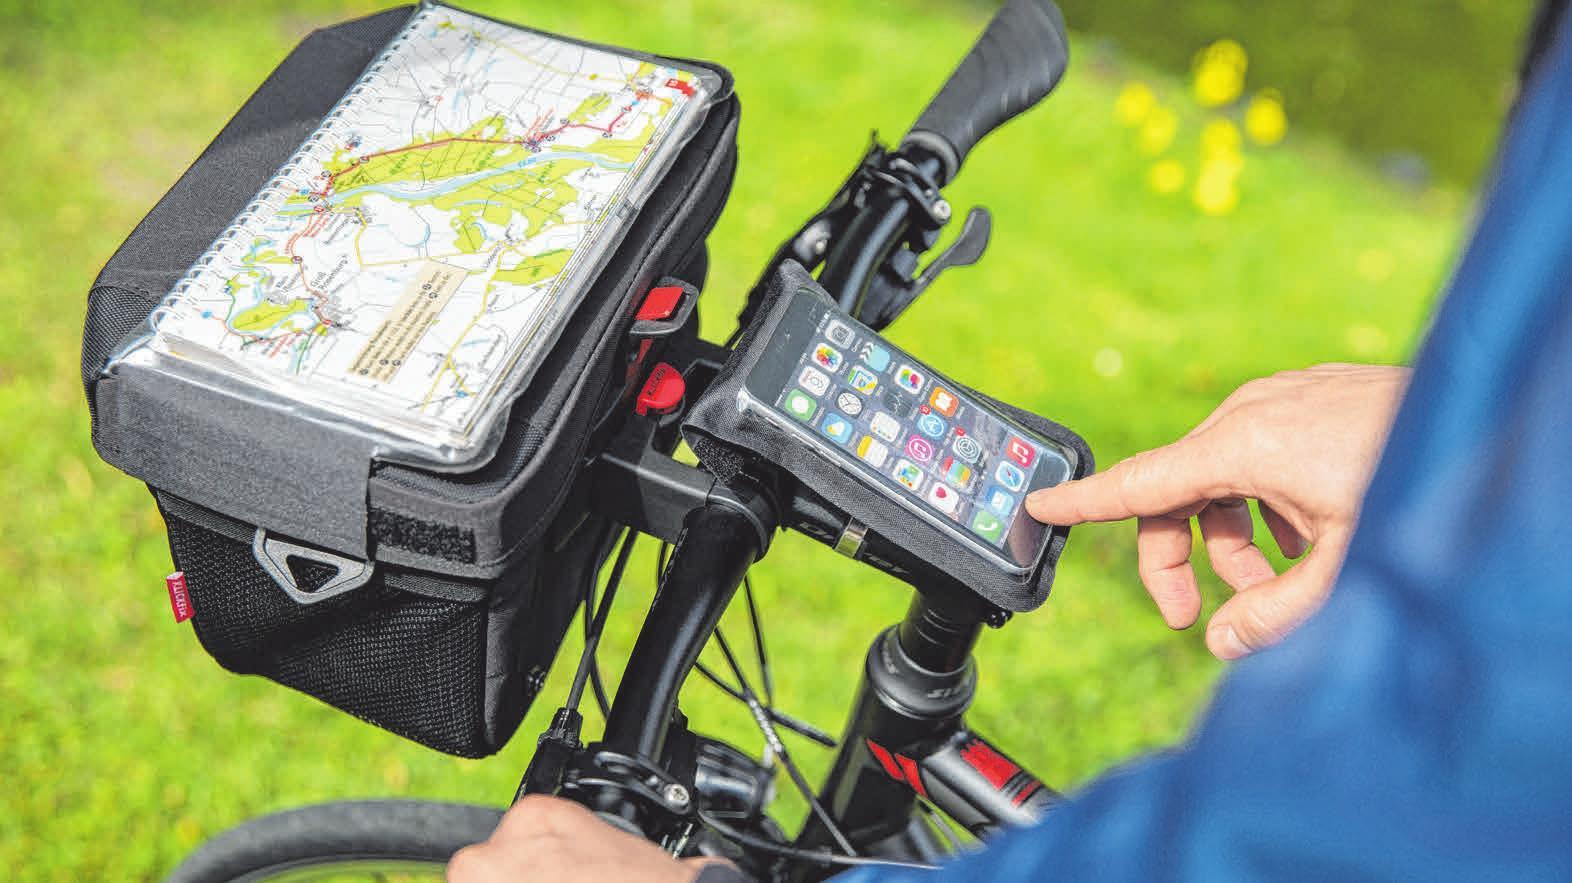 Karte und elektronische Begleiter können direkt im Blickfeld und gut geschützt am Lenker angebracht werden. FOTO: DJD/WWW.KLICKFIX.DE/MAREEN FISCHINGER